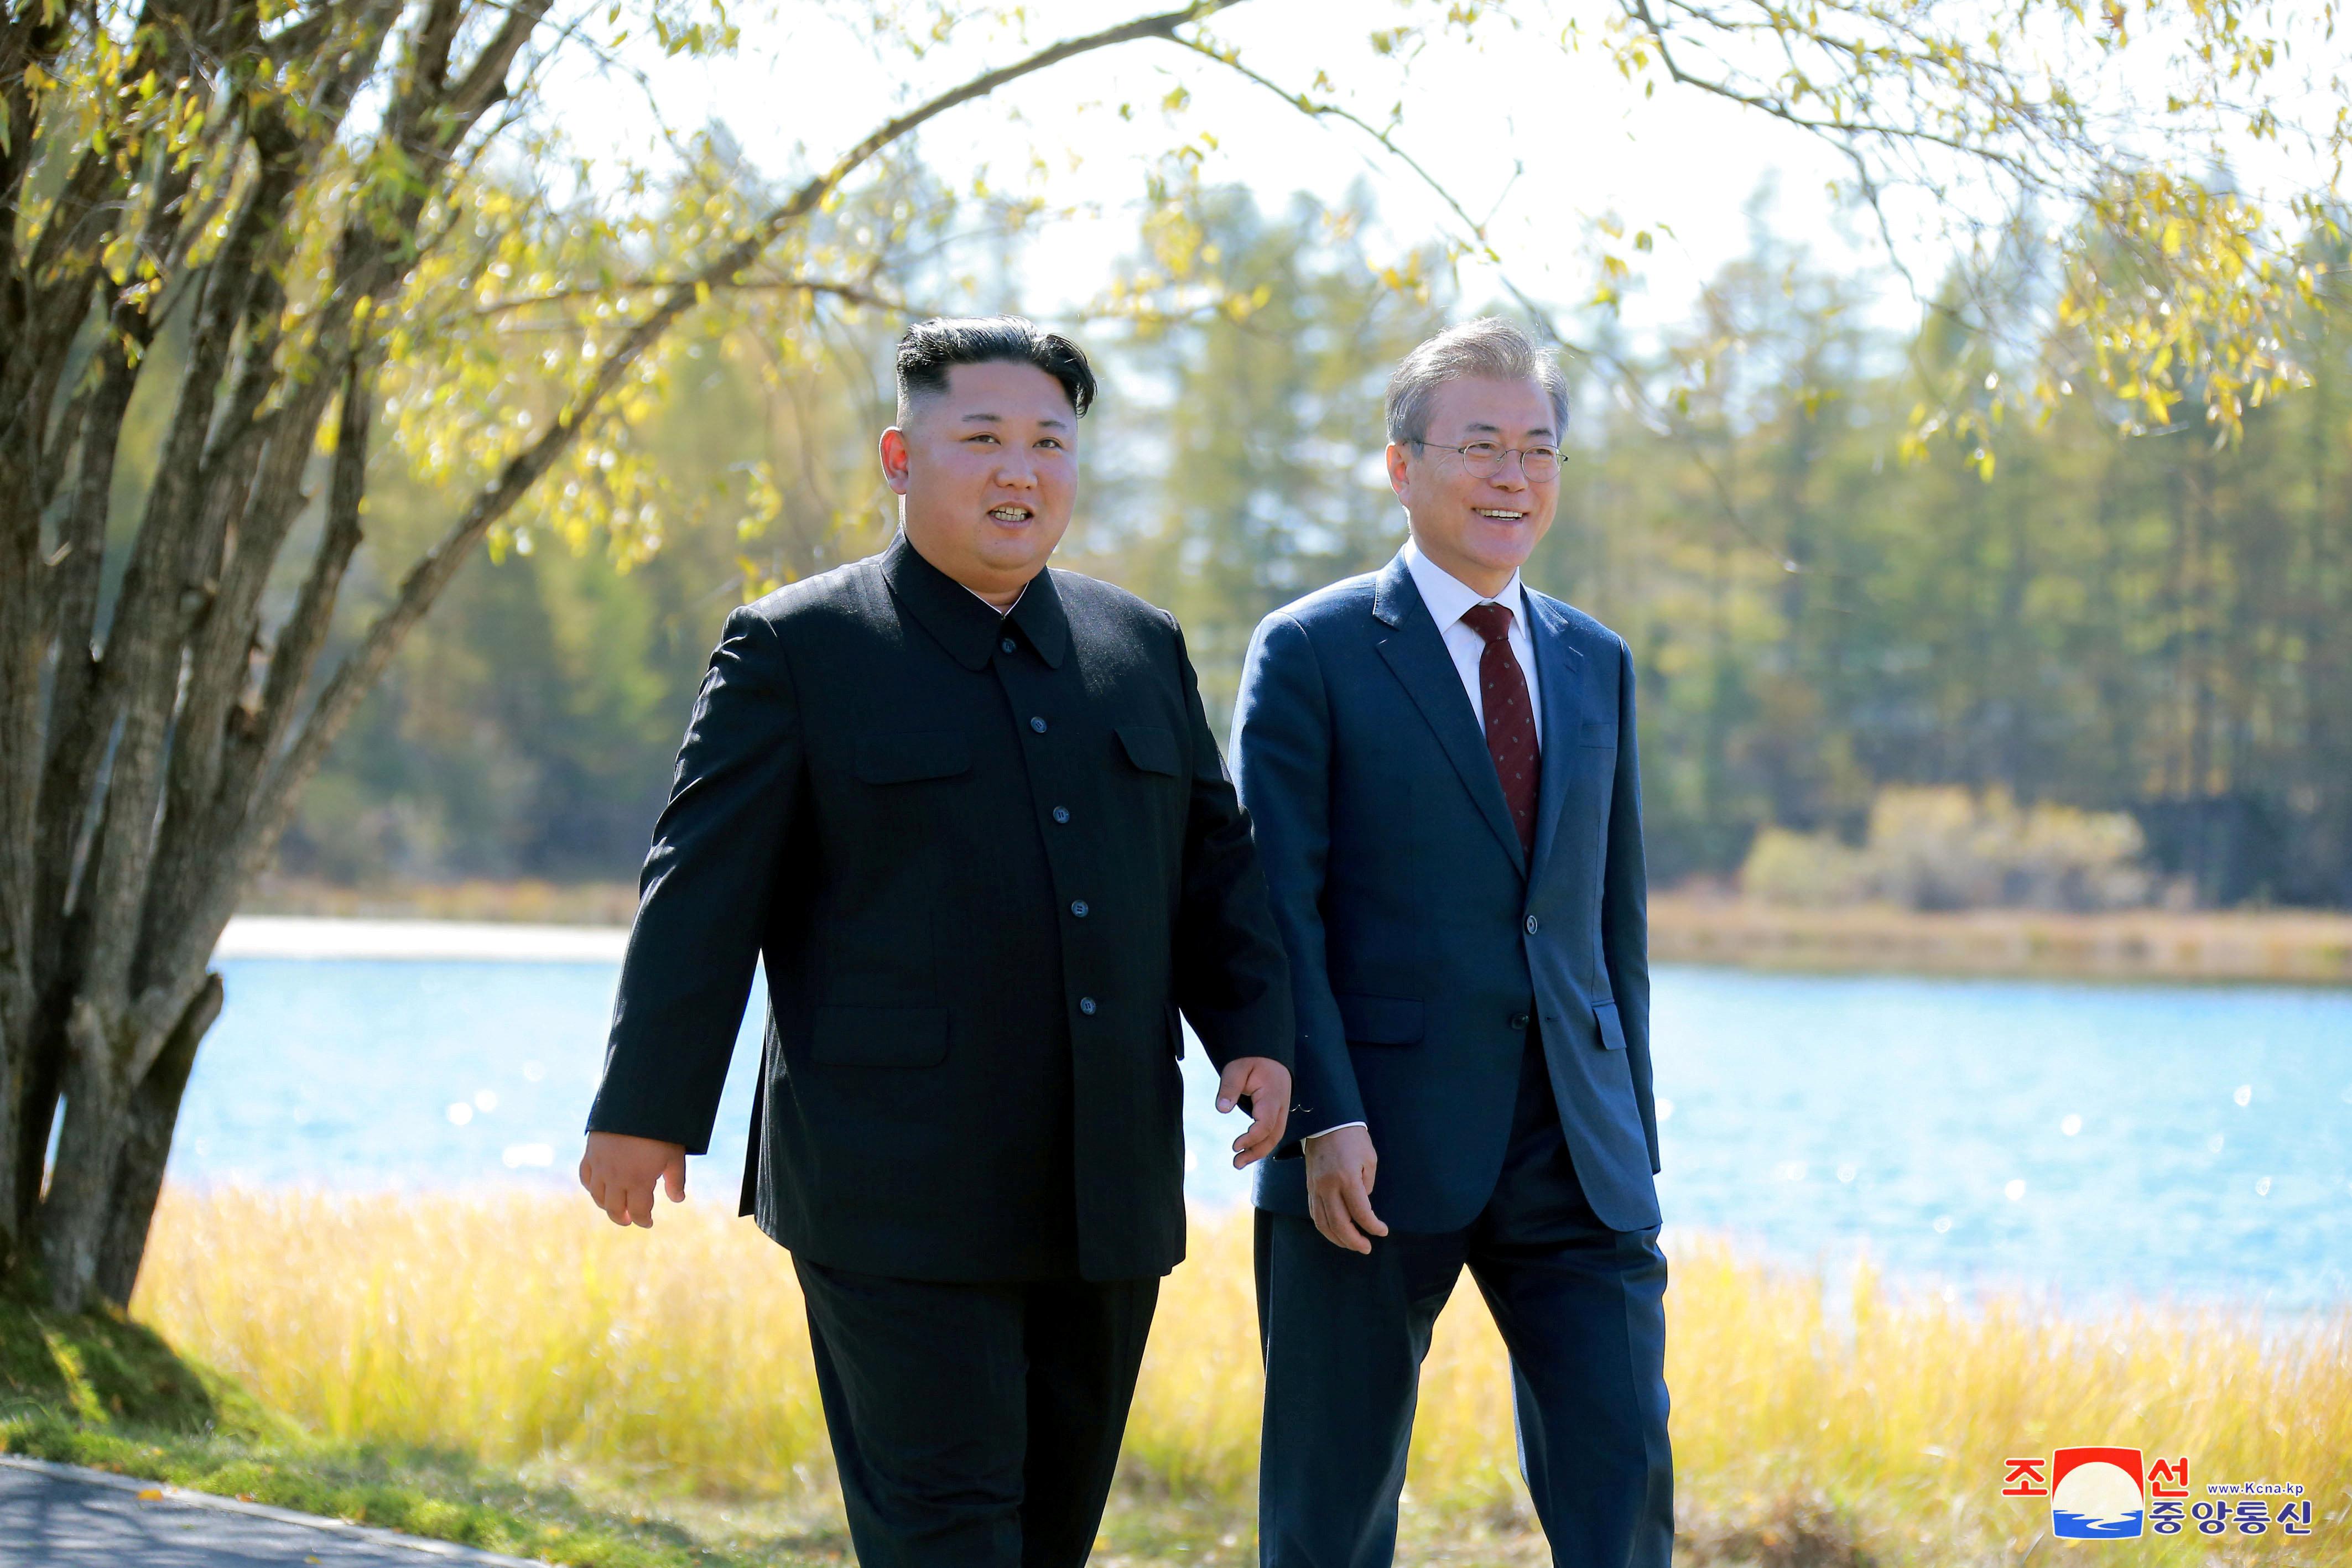 김정은 위원장이 문대통령에게 친서를